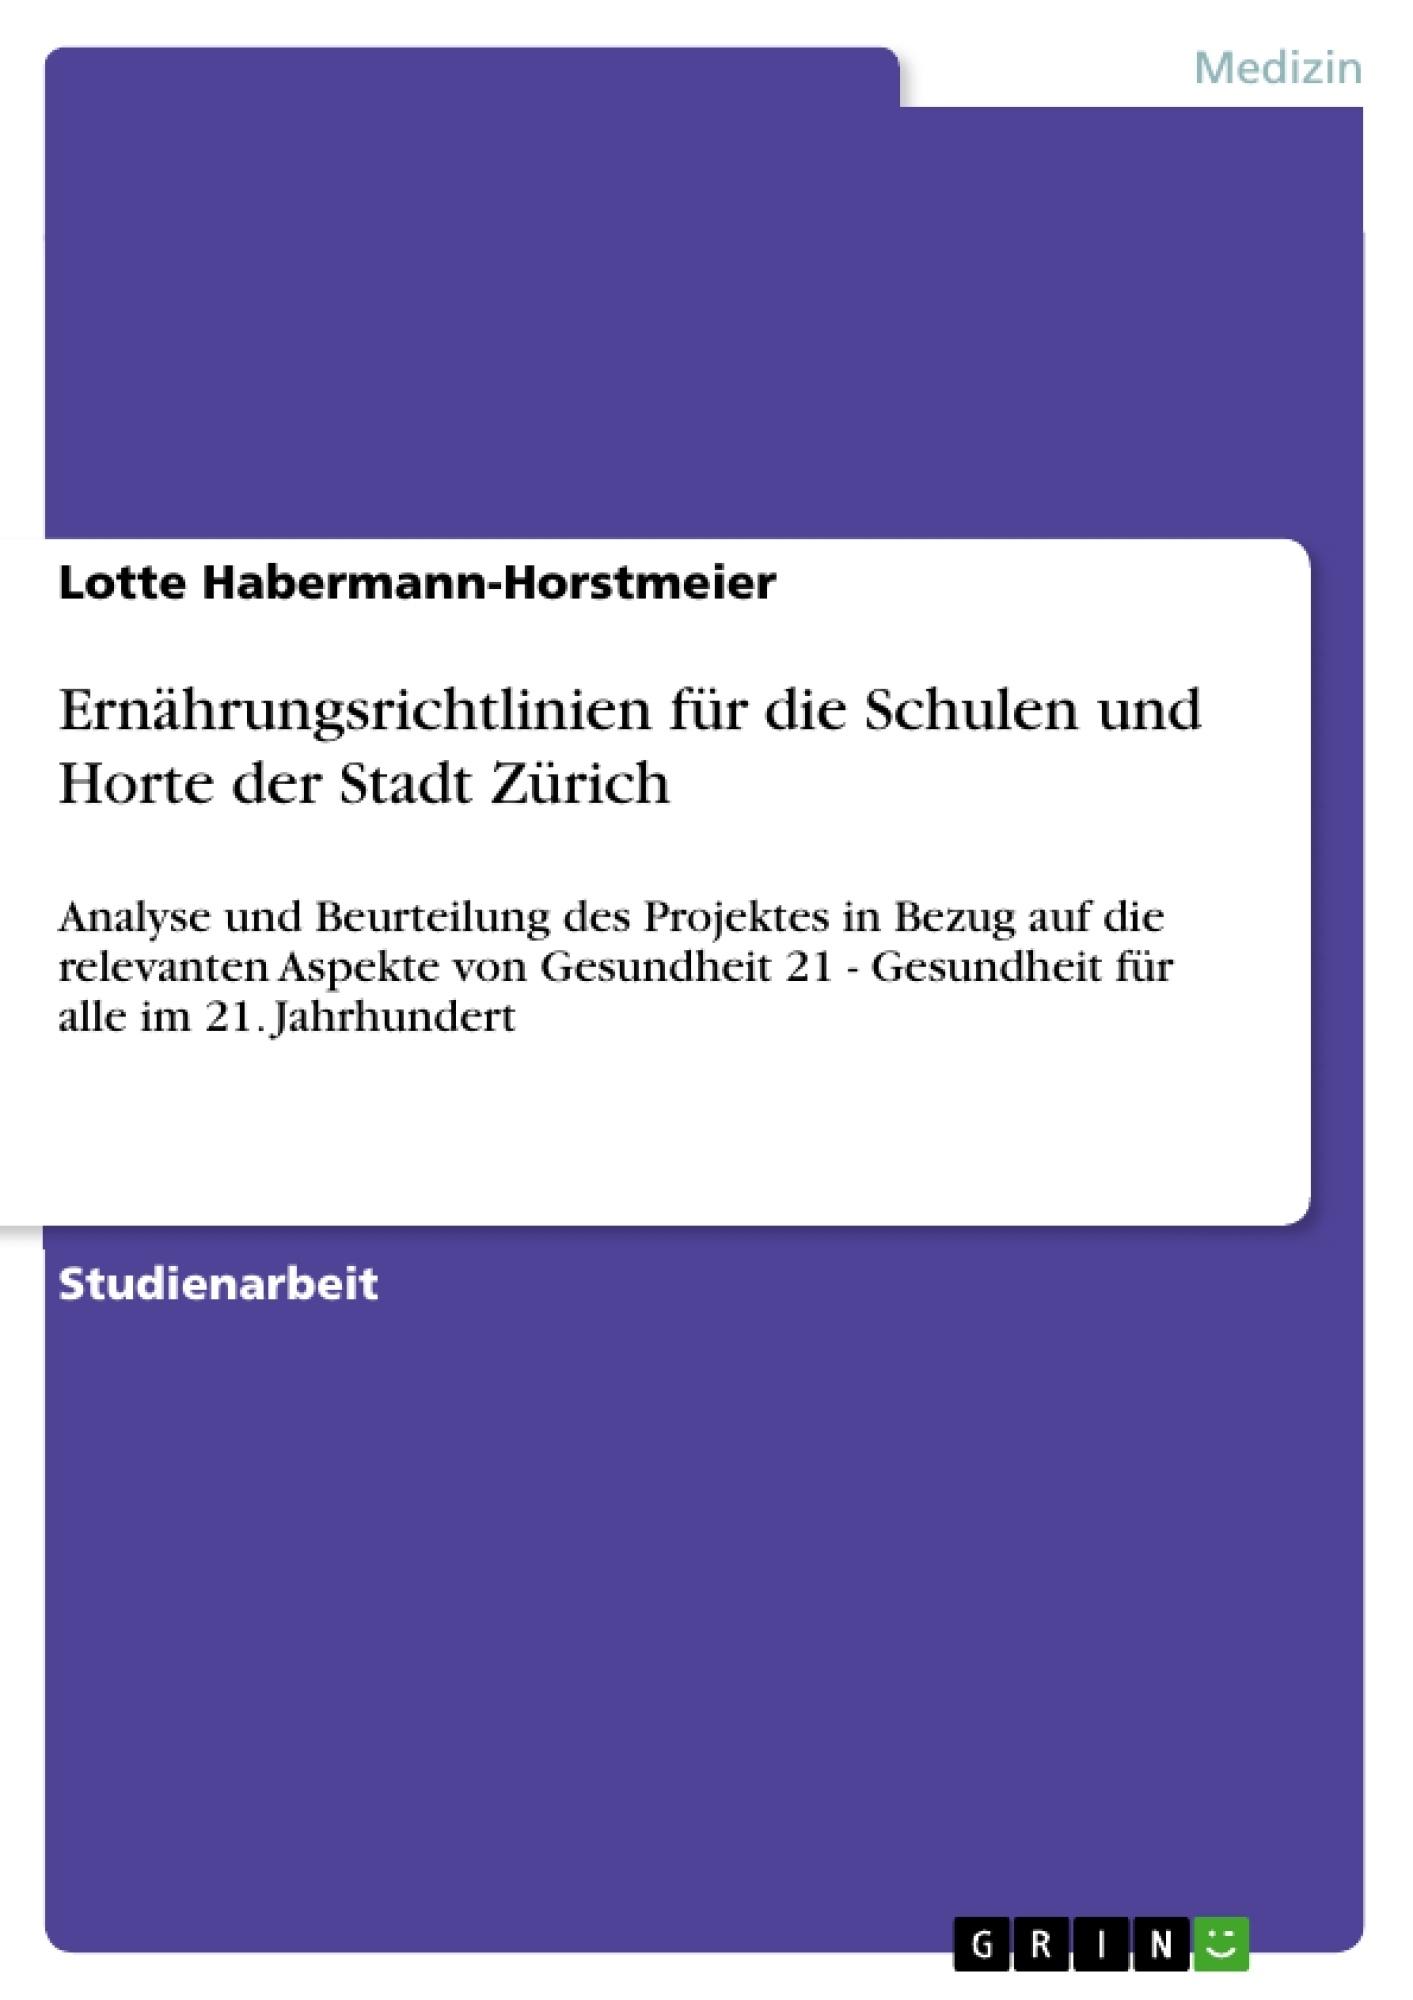 Titel: Ernährungsrichtlinien für die Schulen und Horte der Stadt Zürich